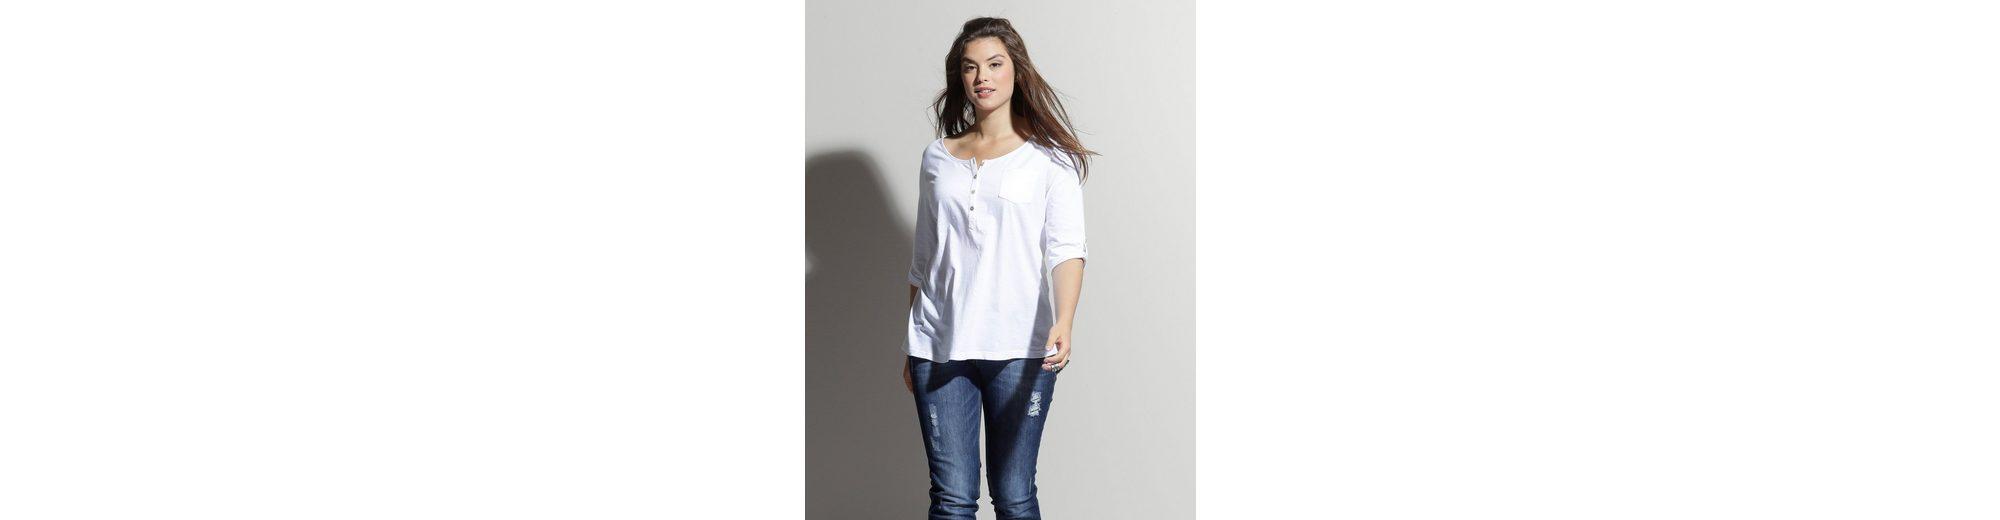 Vermarktbare Online Rabatt Visum Zahlung Angel of Style by Happy Size Shirt mit Knopfleiste Komfortable Online-Verkauf Bestseller Günstig Online Billig Verkauf Genießen UGLe4Ih